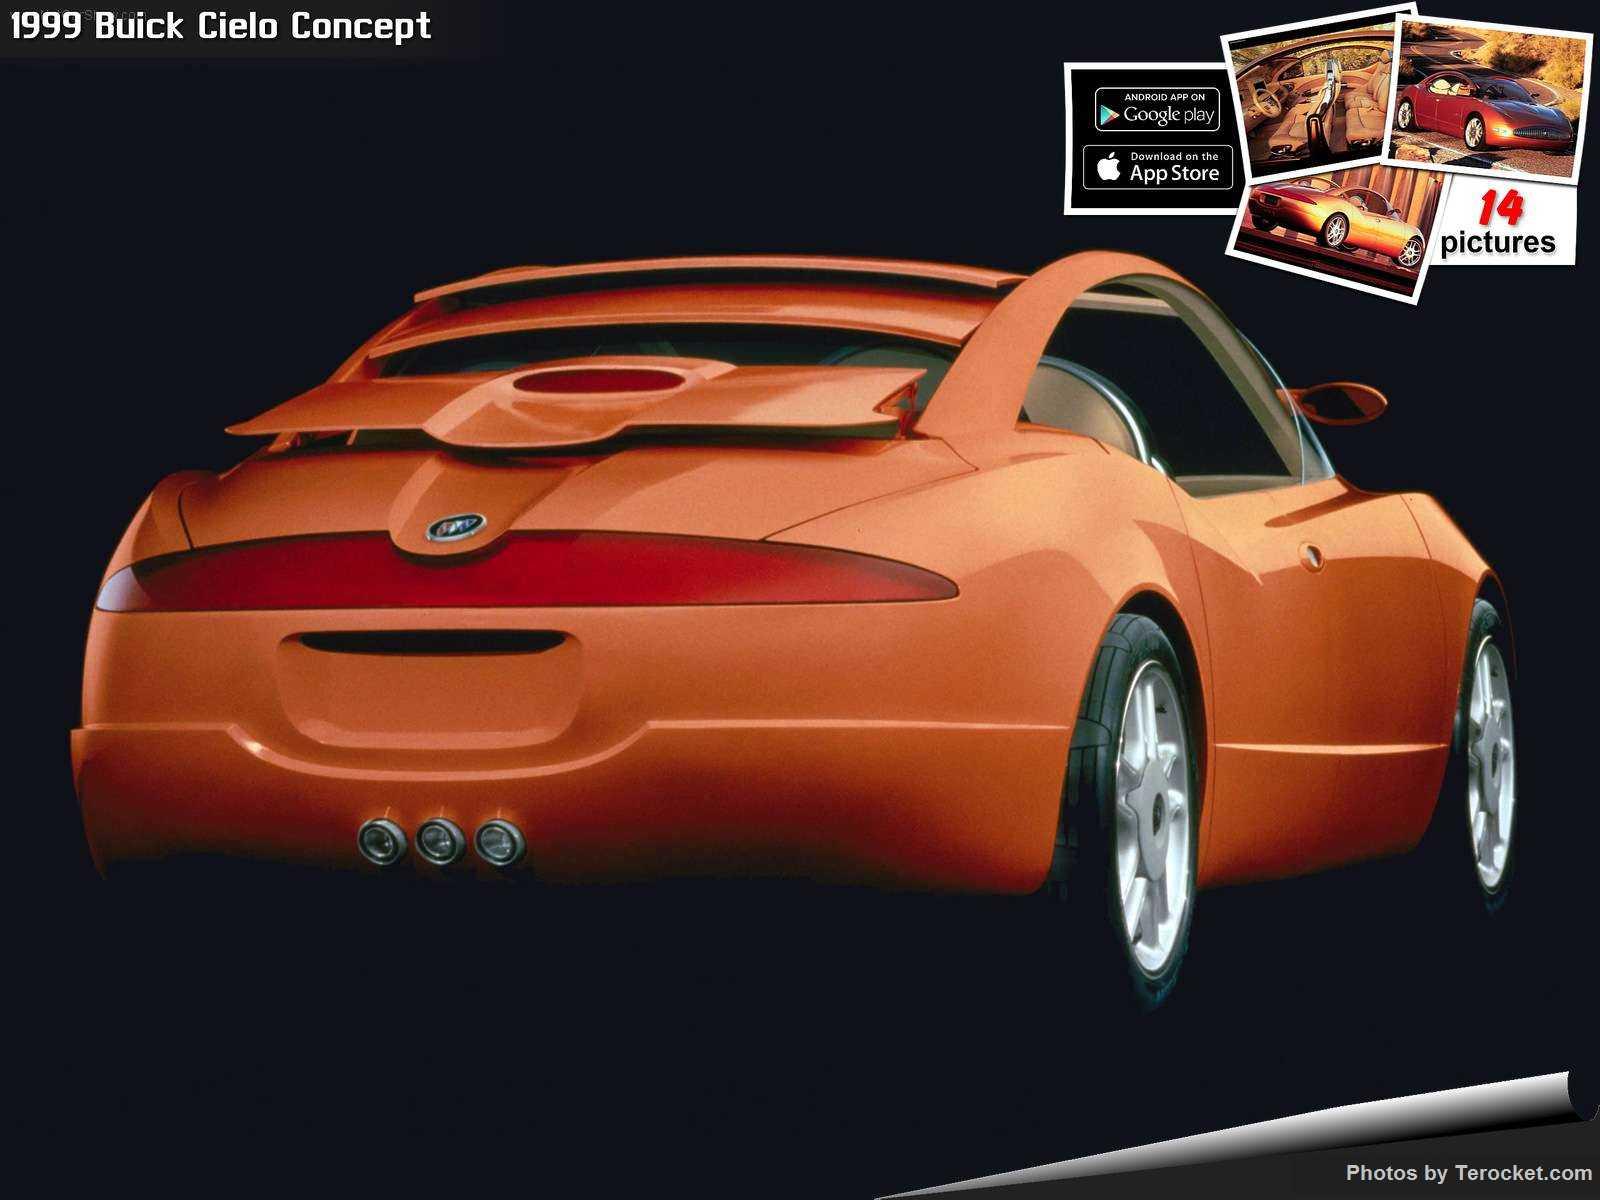 Hình ảnh xe ô tô Buick Cielo Concept 1999 & nội ngoại thất